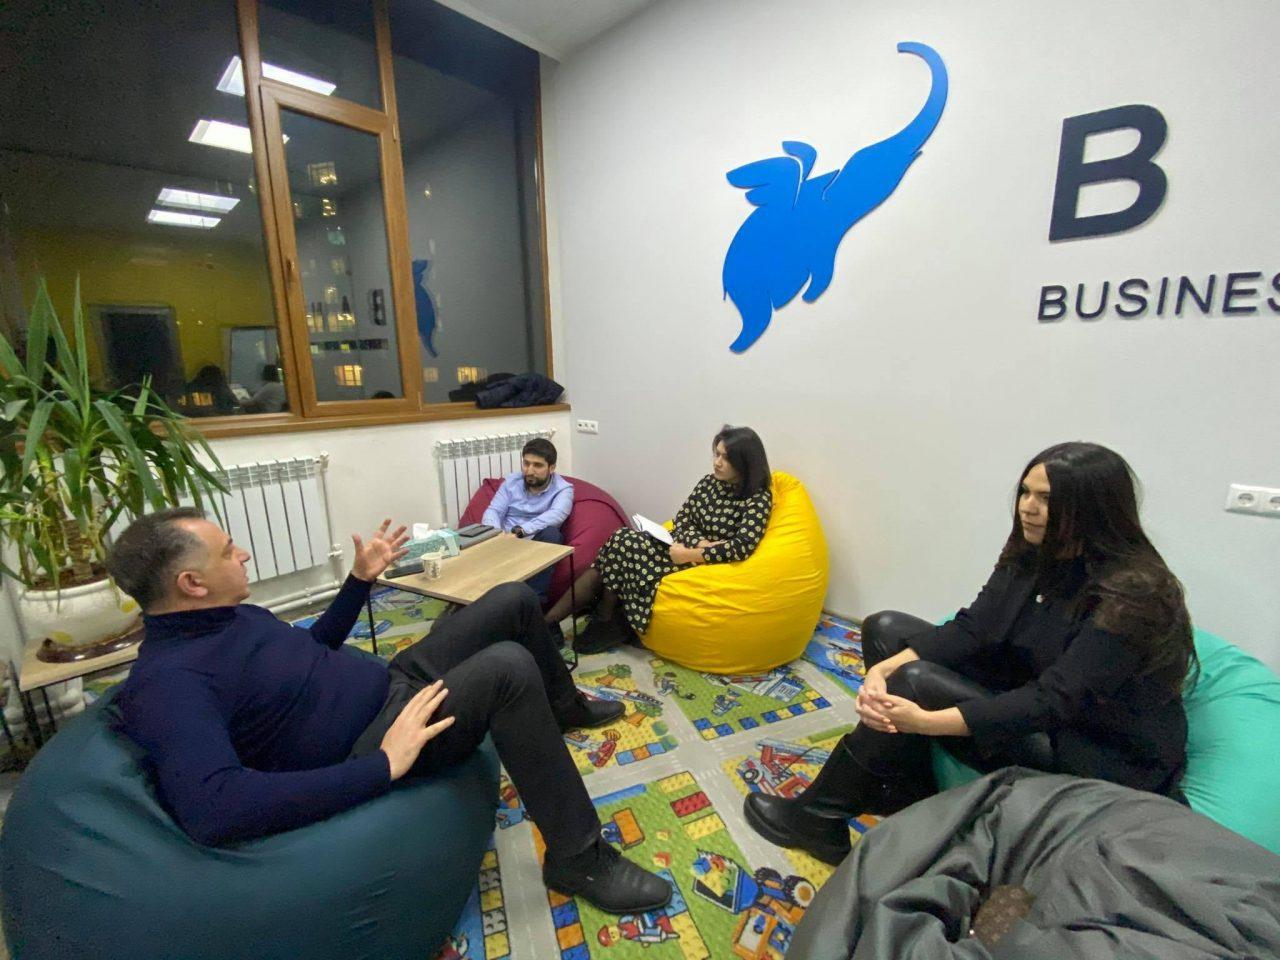 Beeline Startup Incubator-ում մենթորների հետ հանդիպումներ են եղել